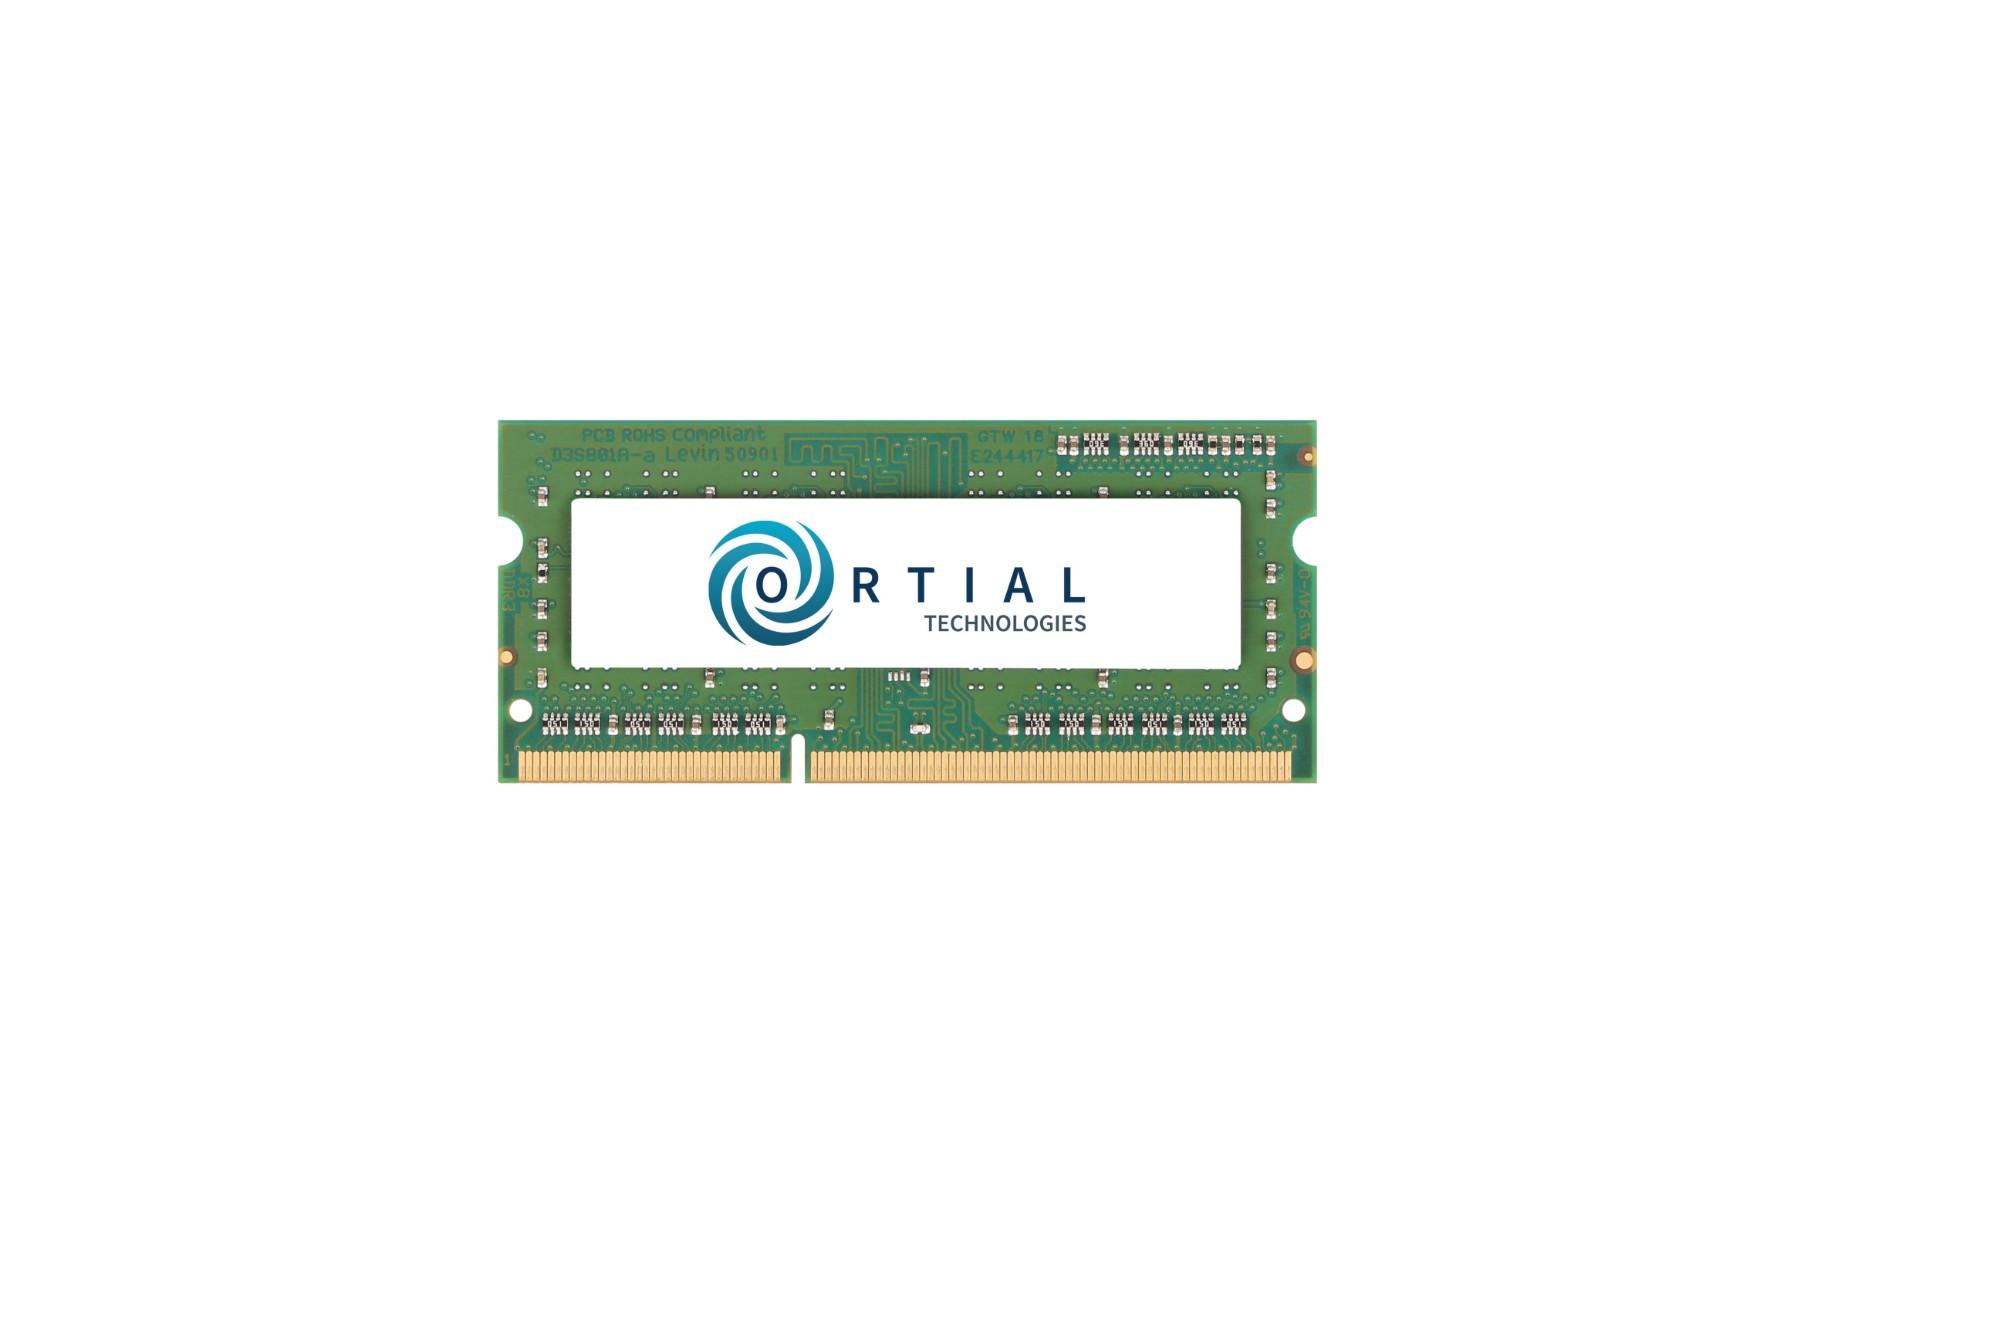 ORTIAL 16GB DDR4 2400 SODIMM